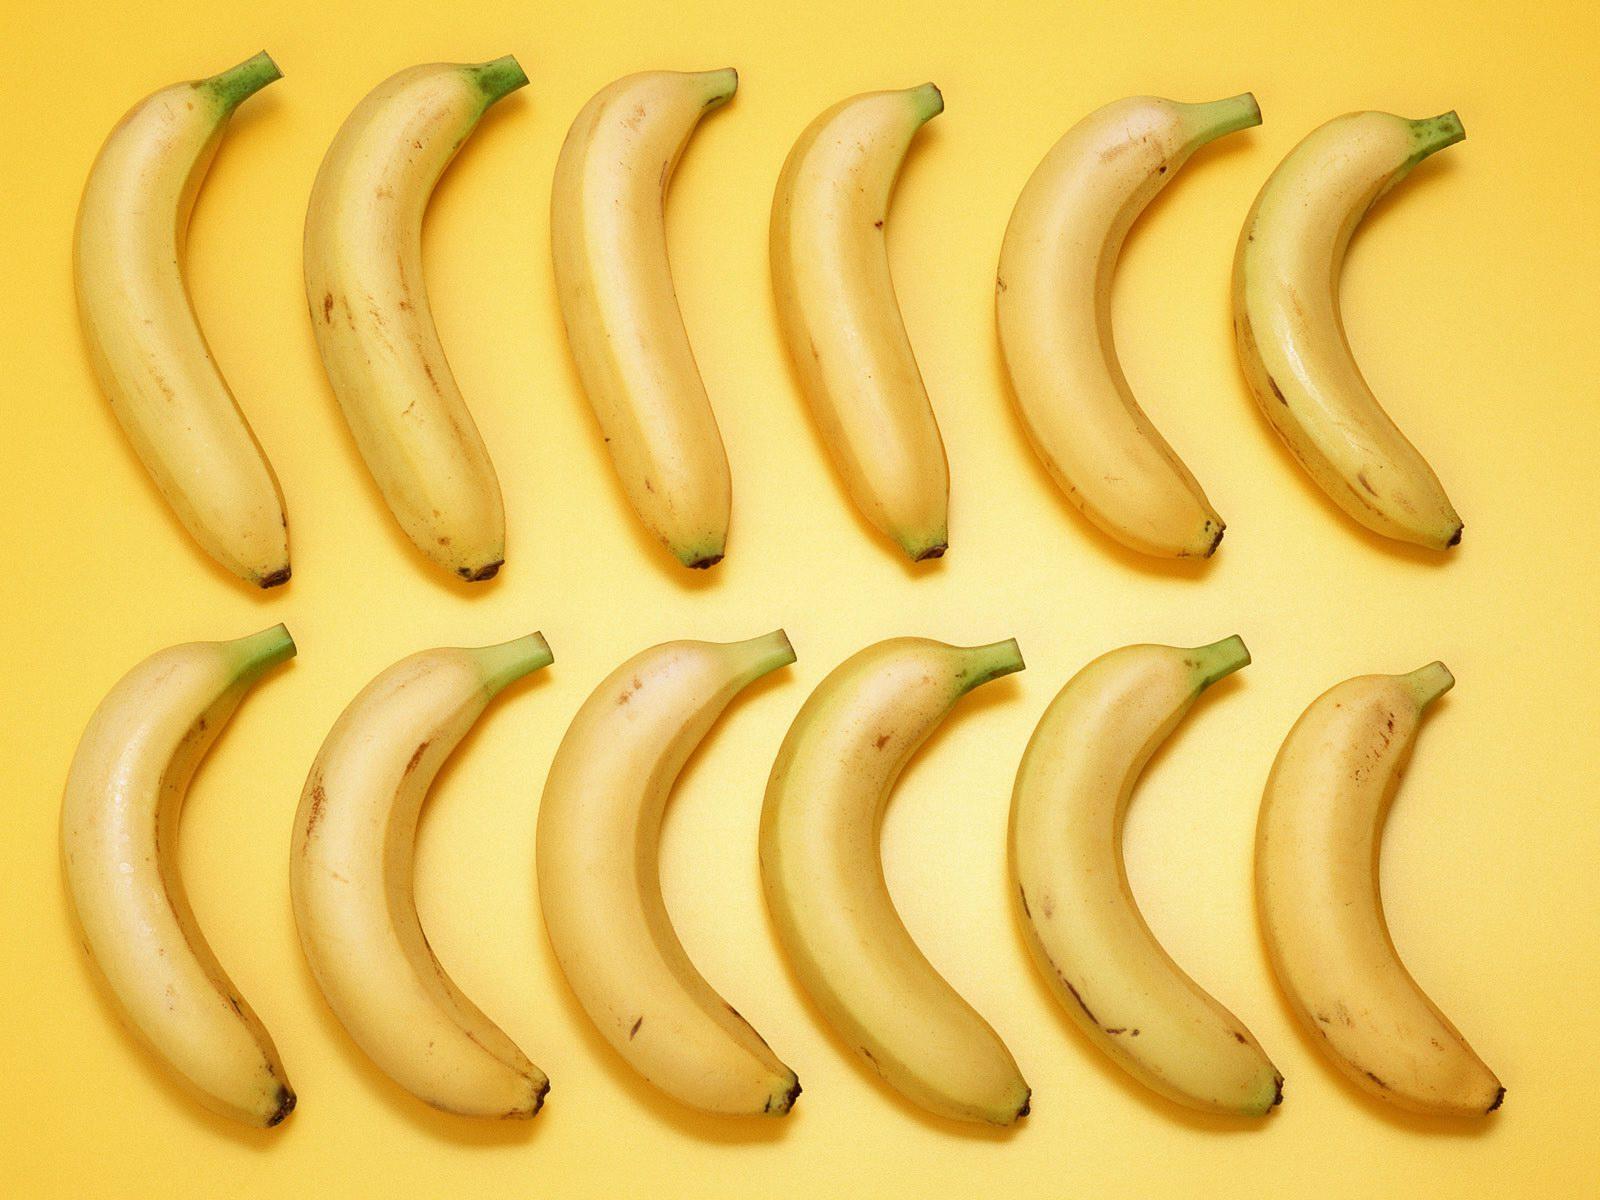 壁紙 果物 バナナ 食品 ダウンロード 写真